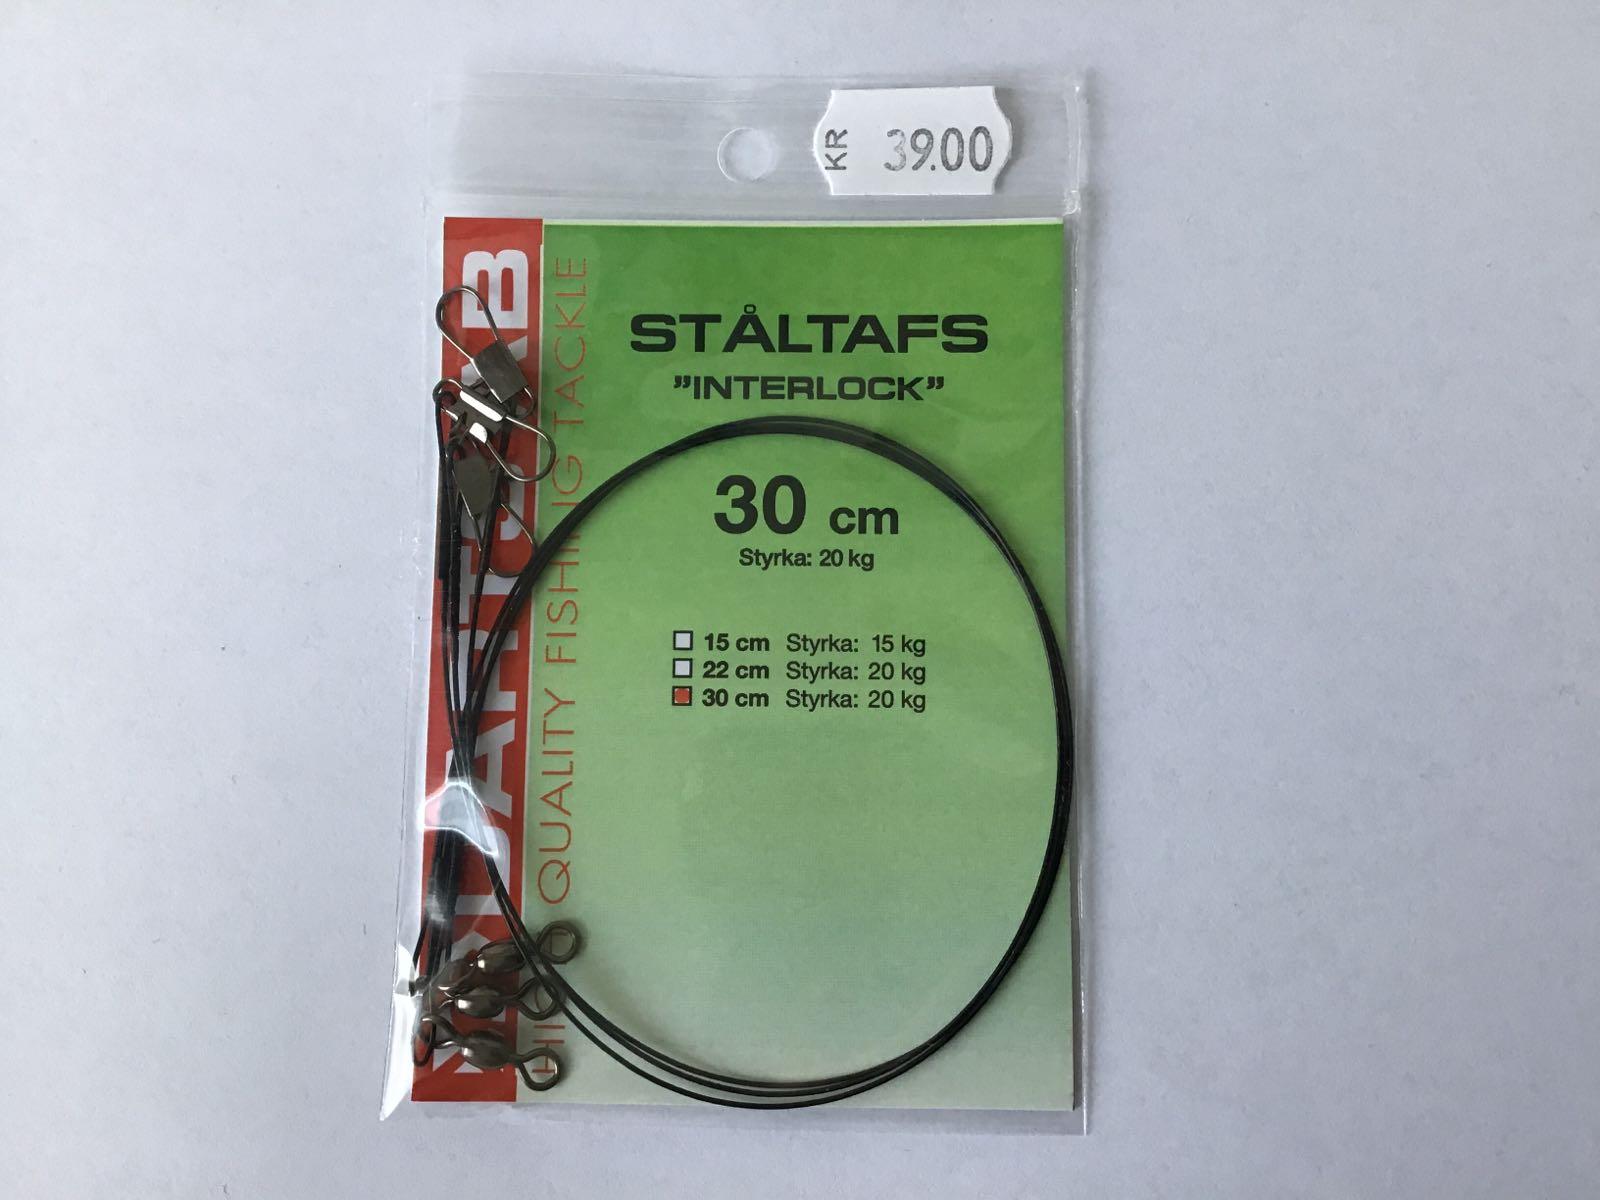 Darts ståltafs interlock 30cm